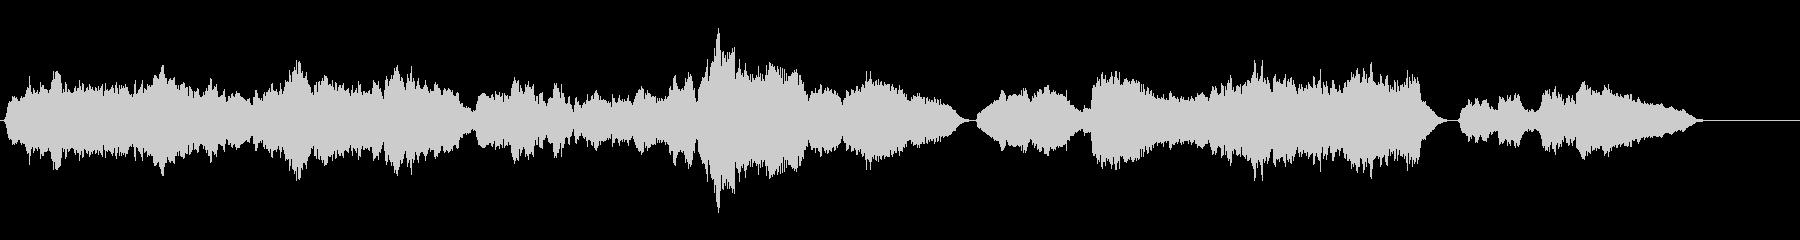 穏やかな朝のイメージの生サックス四重奏の未再生の波形